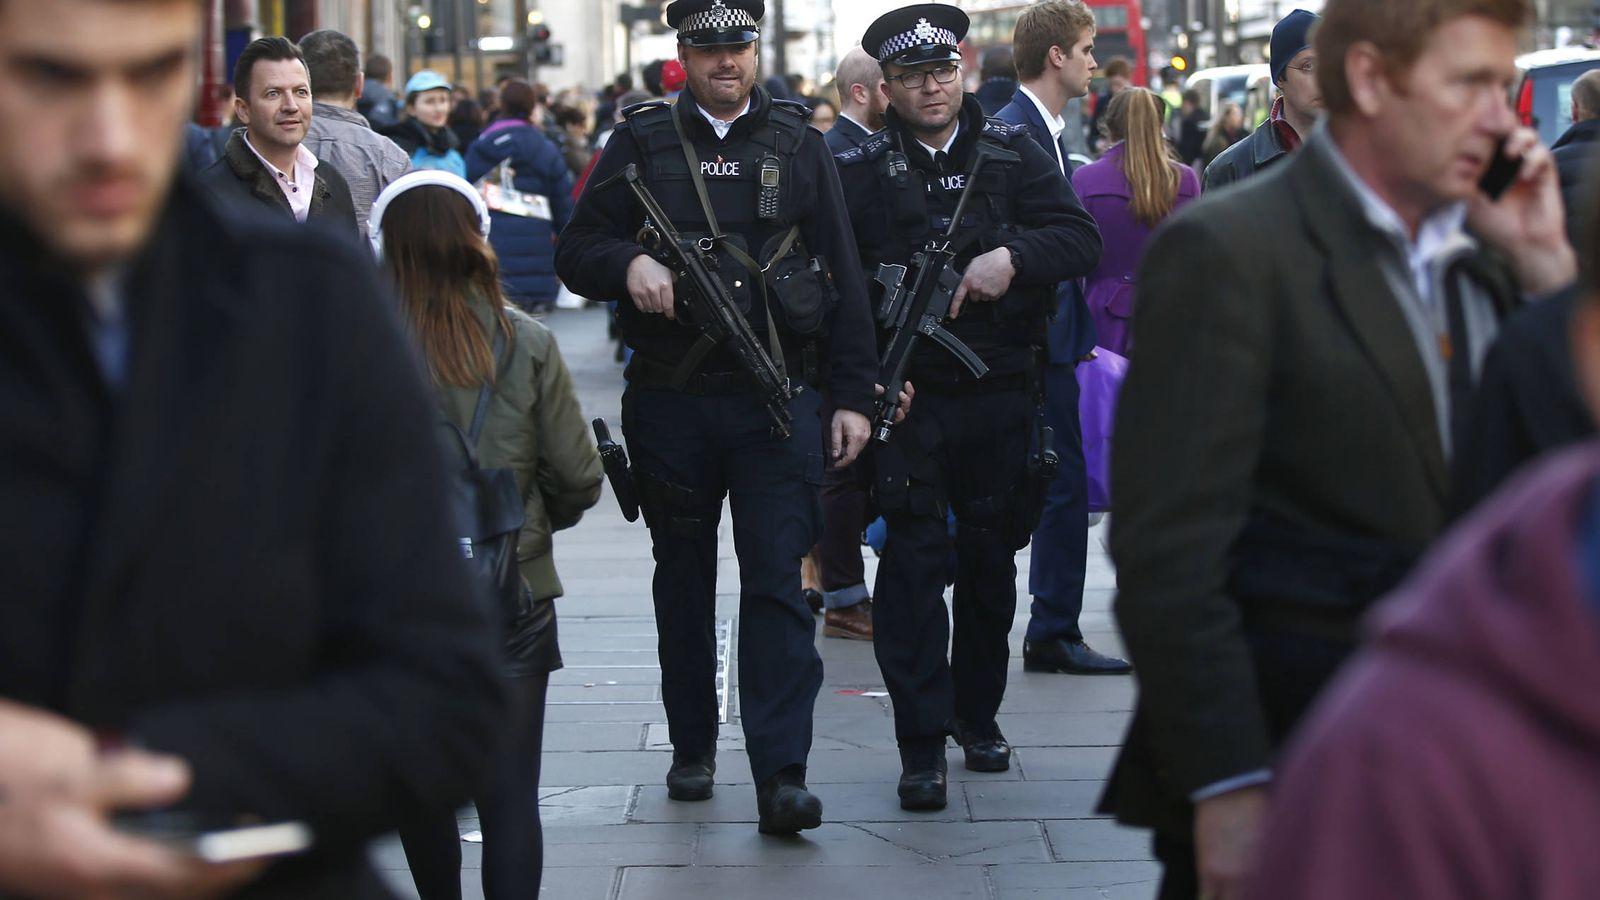 Reino Unido aprueba la ley de vigilancia más extrema del mundo... y ...